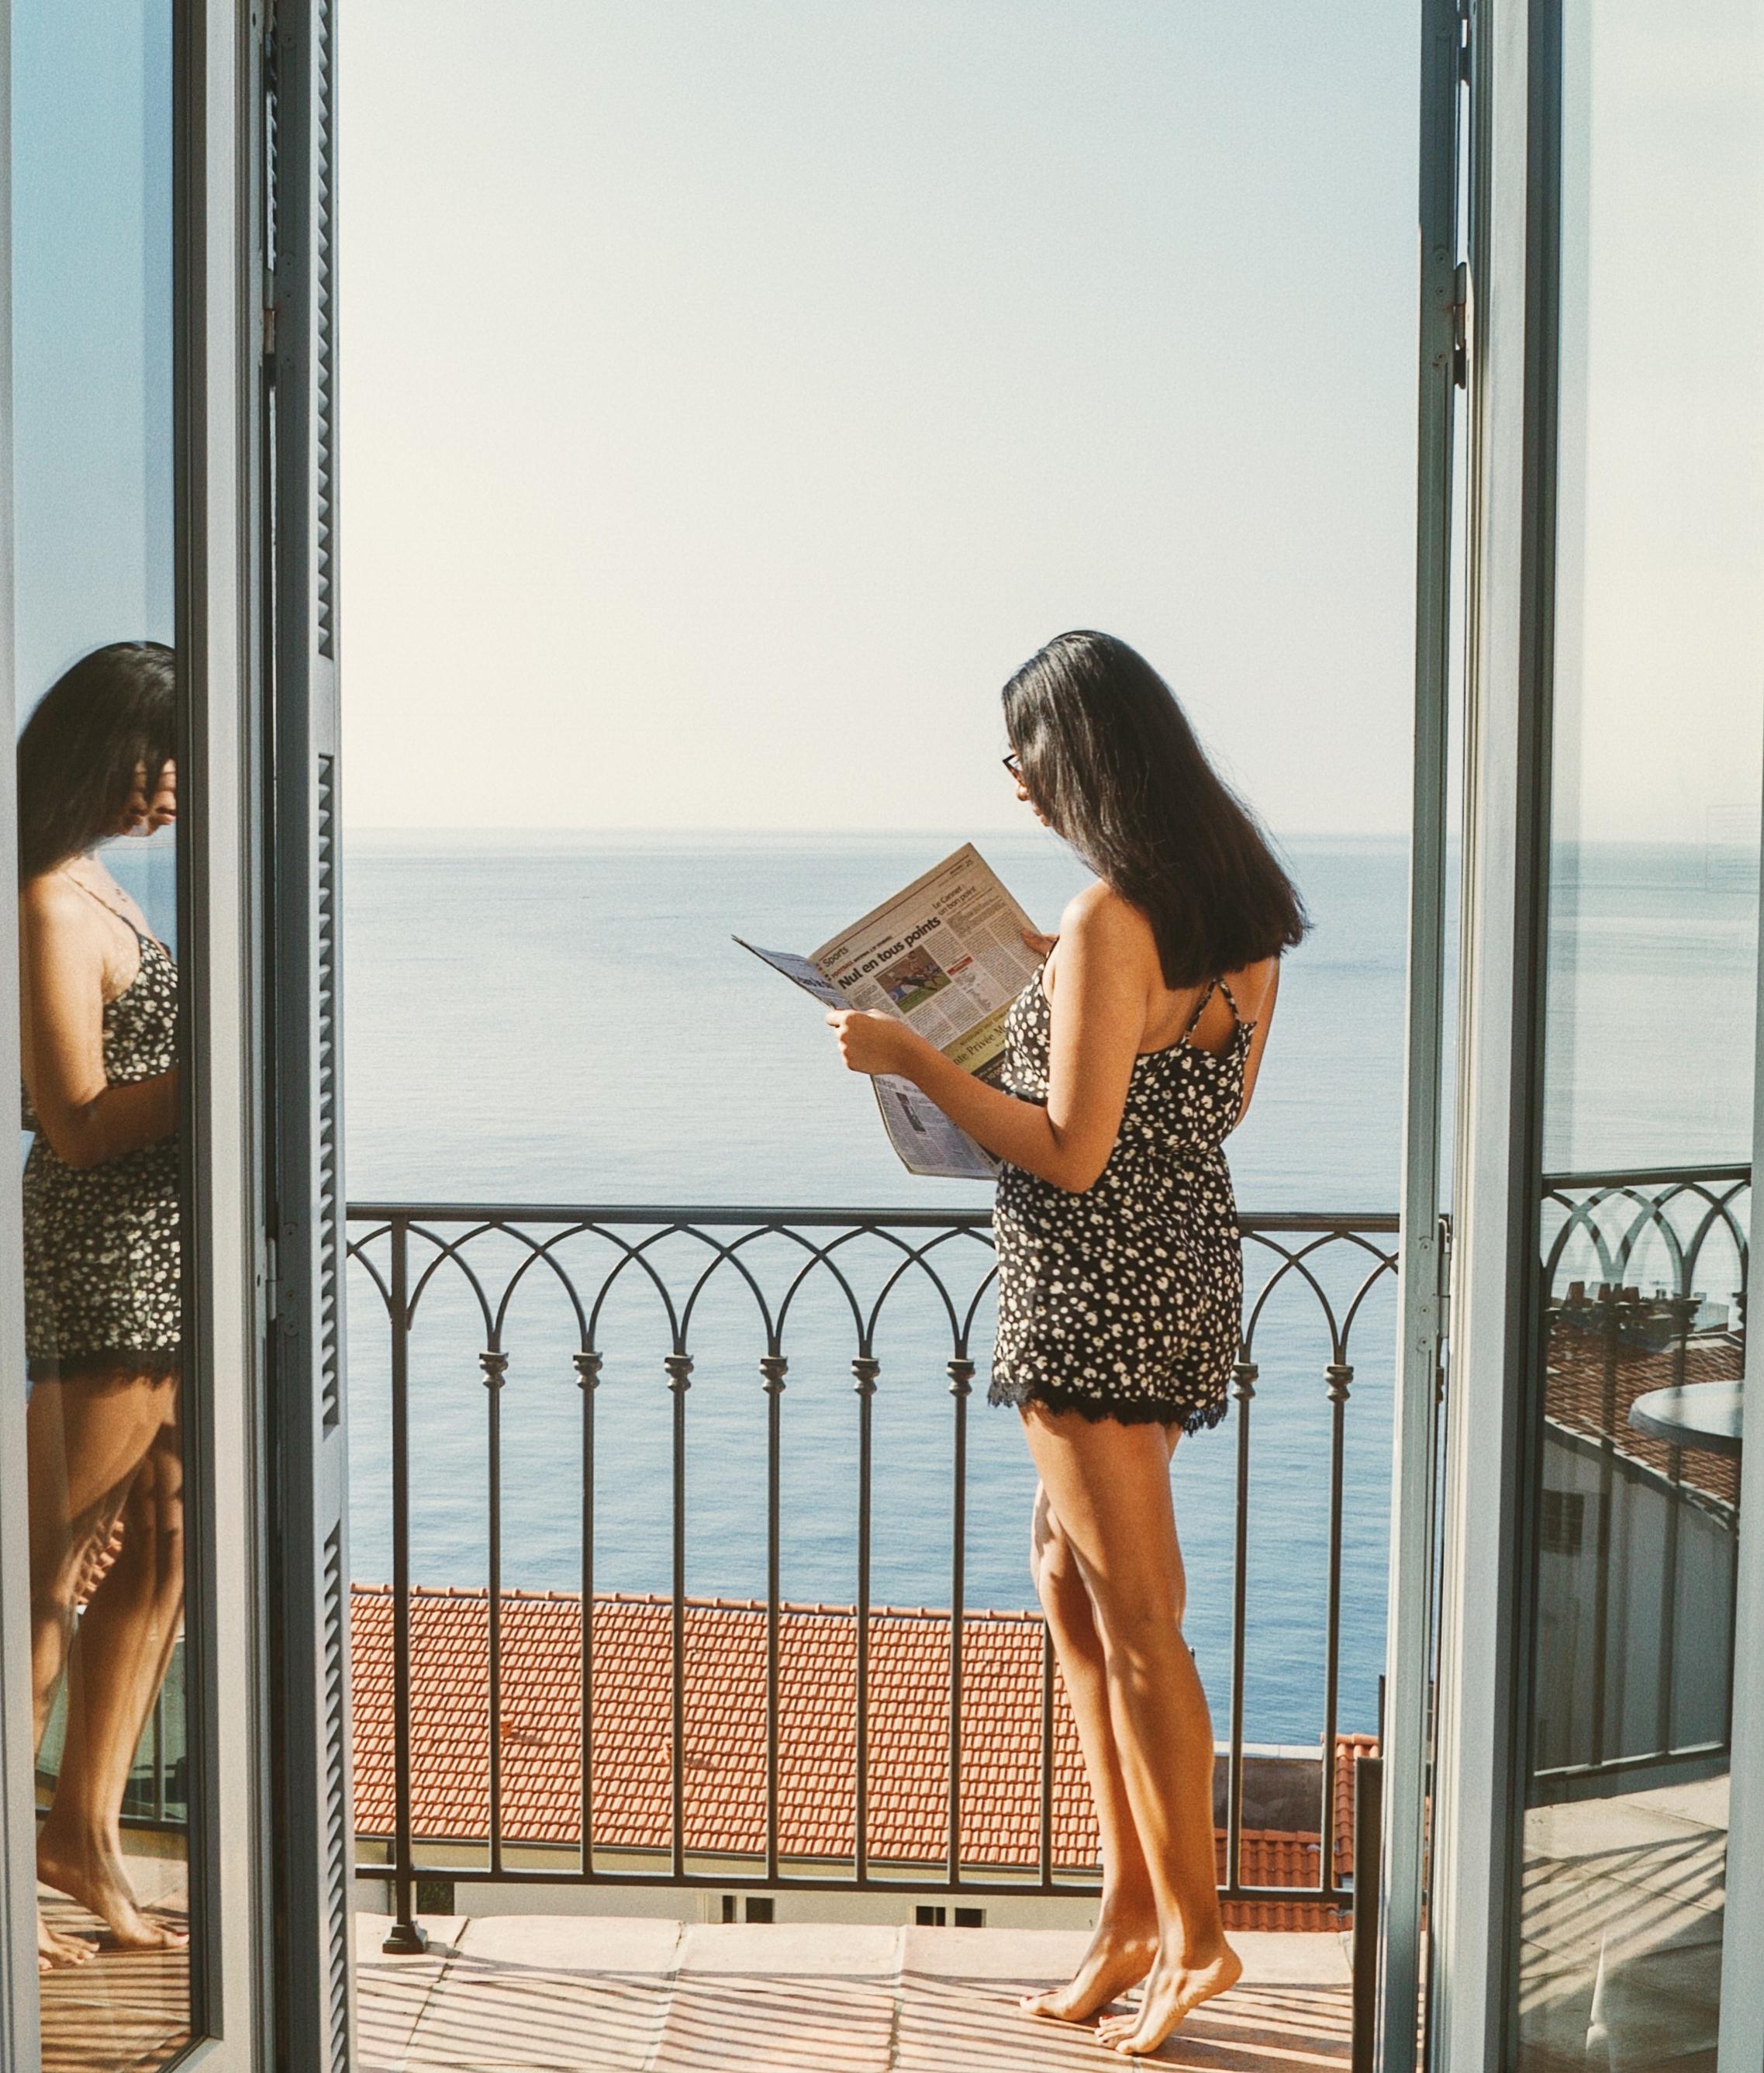 Morning views, morning news at Hotel La Perouse - Nice, France